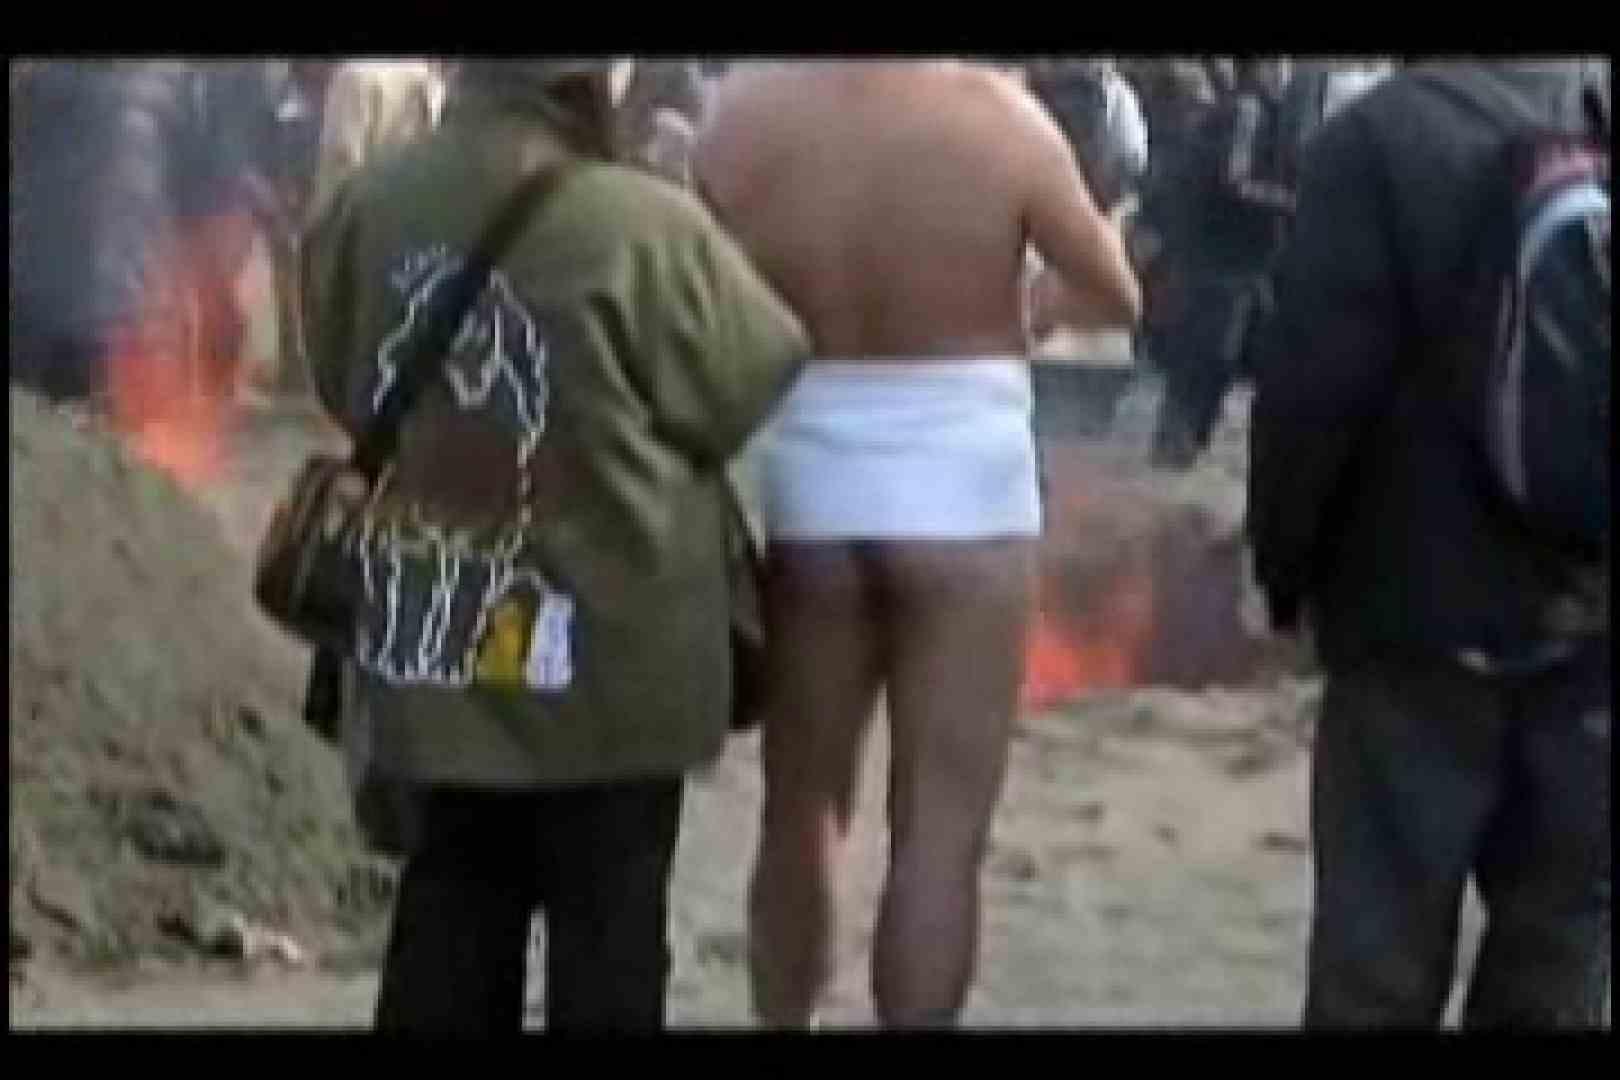 陰間茶屋 男児祭り VOL.1 男どうし   複数セフレプレイ ゲイ無料無修正画像 76pic 16